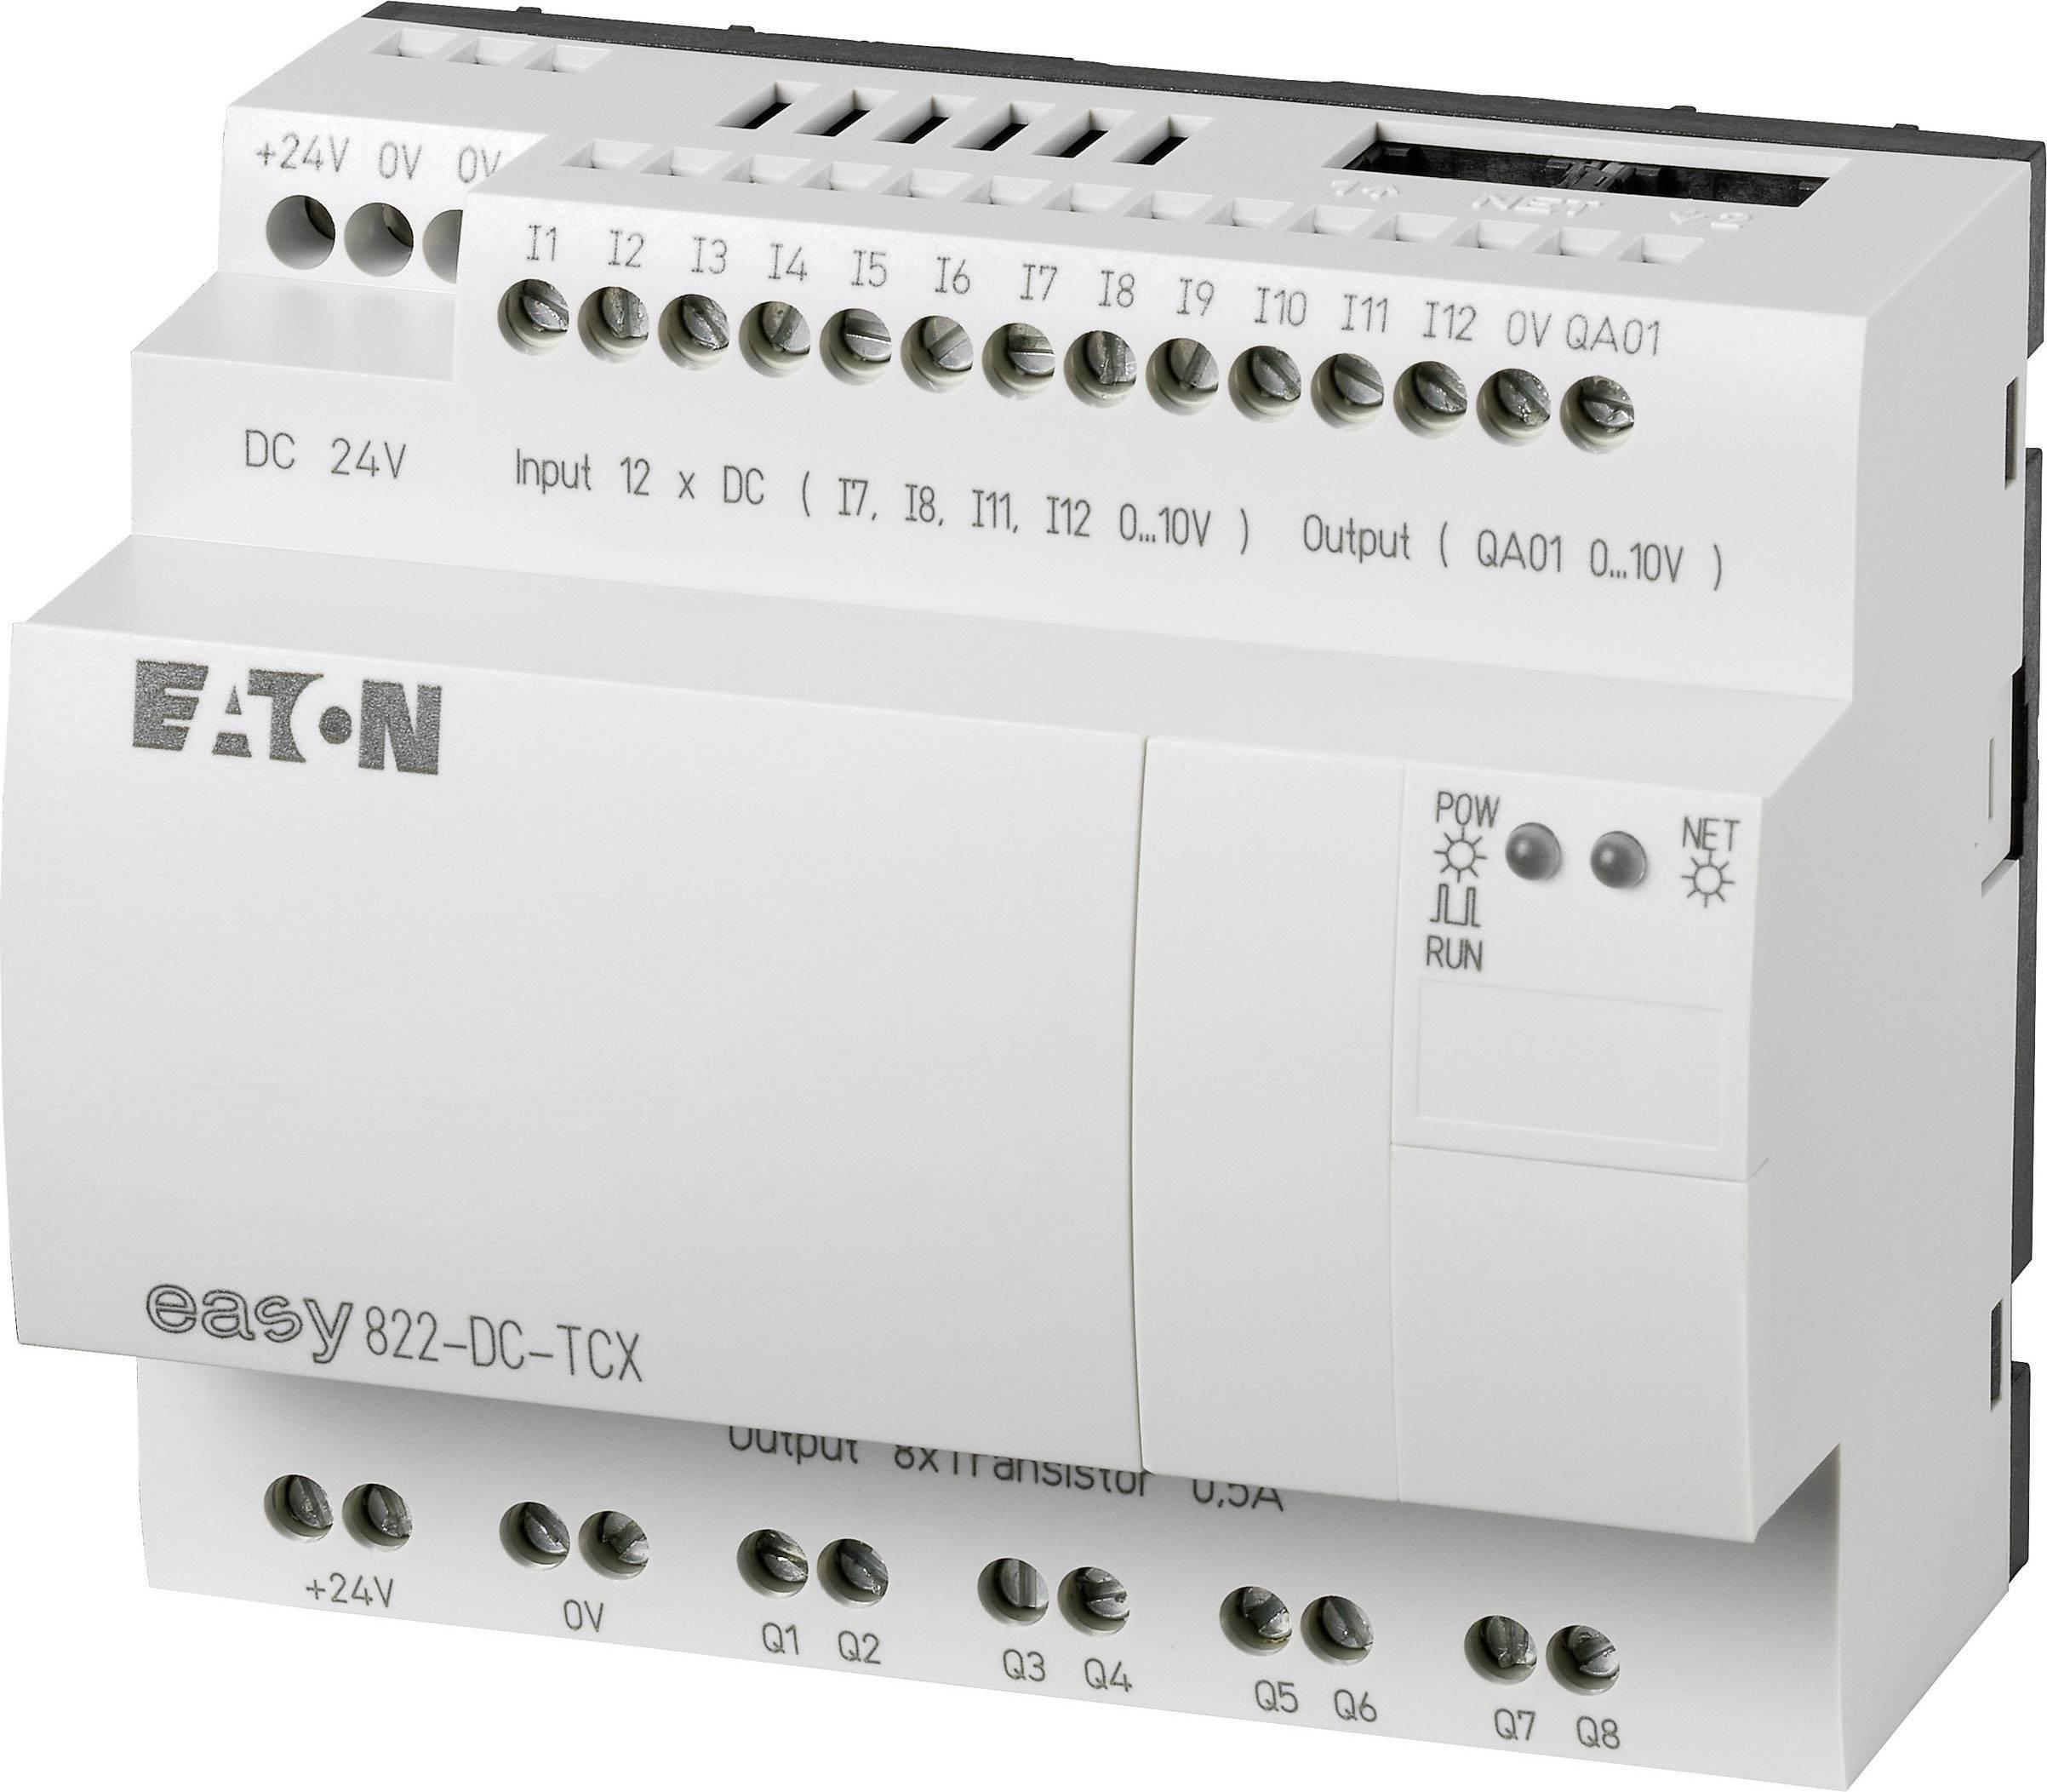 Riadiacimodul Eaton easy 822-DC-TCX 256276, 24 V/DC